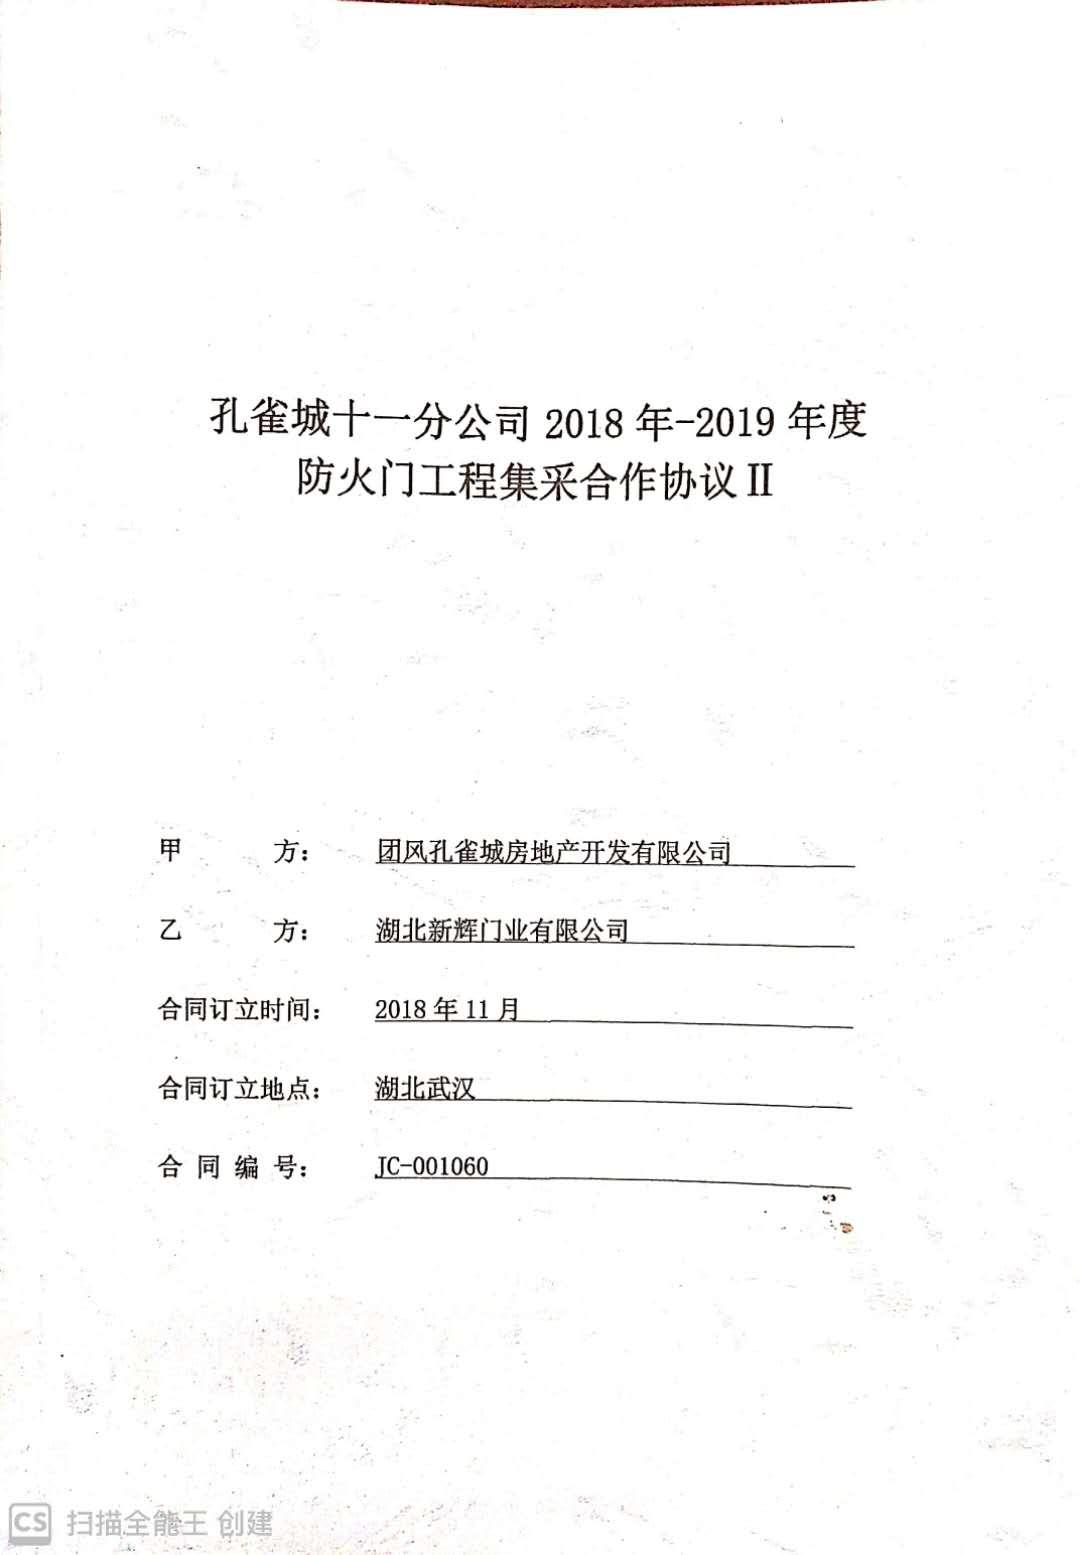 孔雀城十一分公司2018-2019年度万博网页版手机登录工程集采合作协议